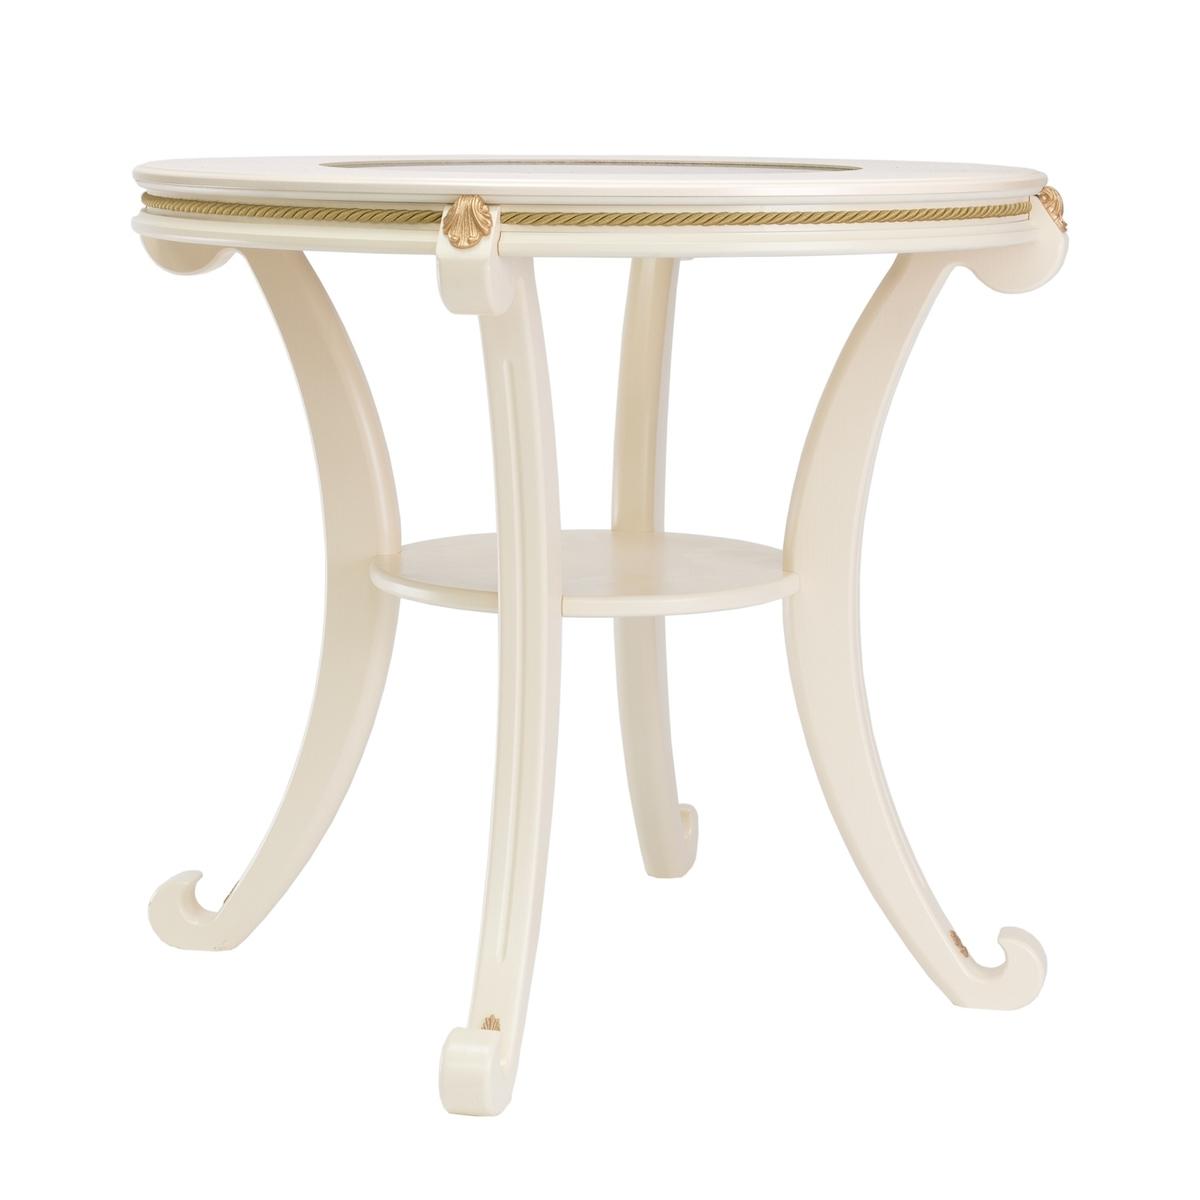 Стол журнальный Журнальный стол «Глория С» Журнальный стол «Глория С» (16356)